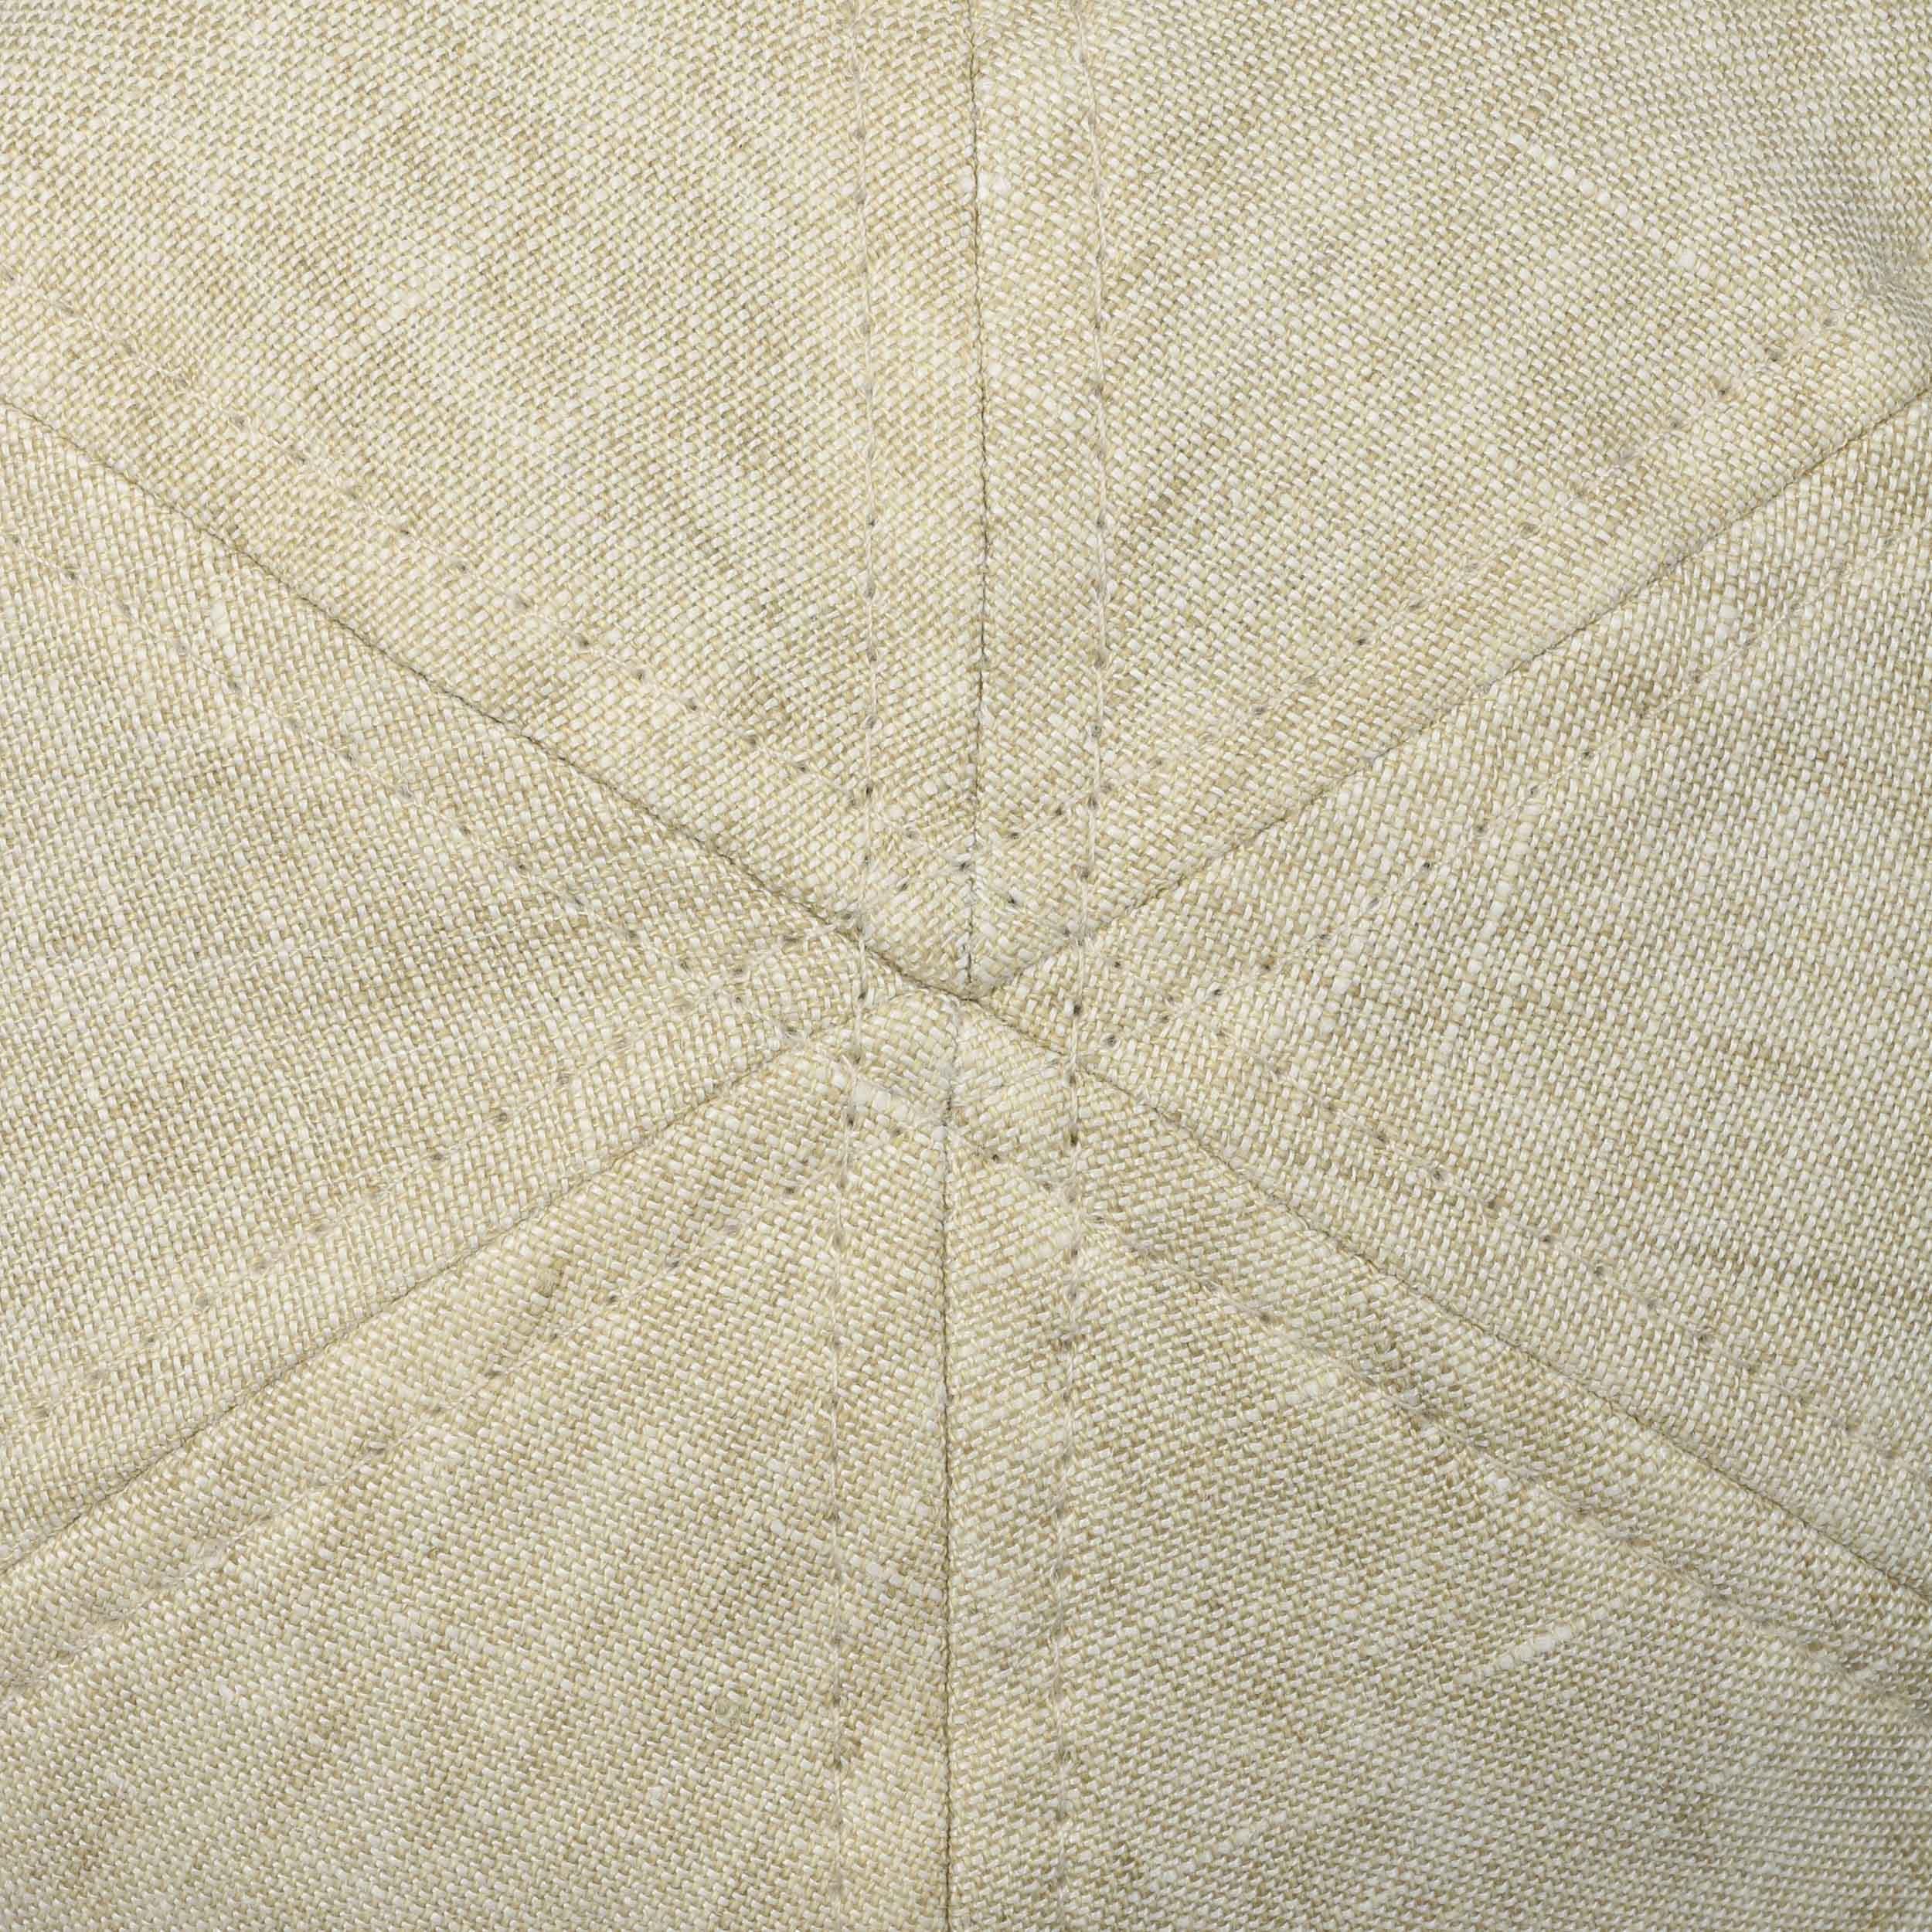 4390e90beb595 ... Putnam Linen Gatsby Cap by Stetson - beige 4 ...